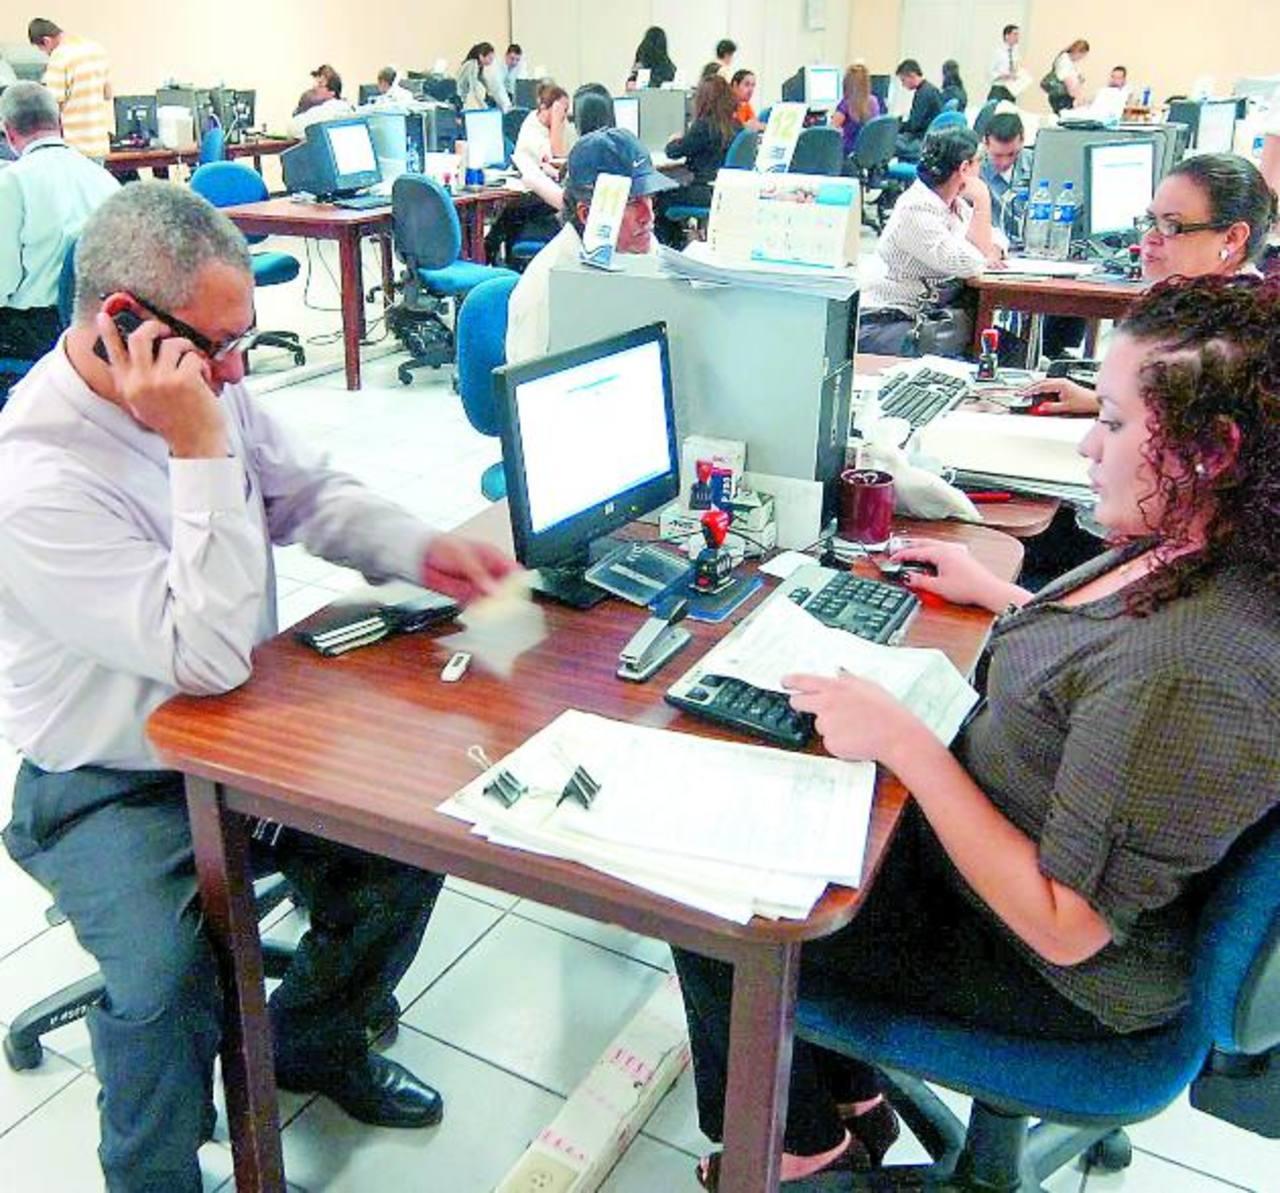 La aplicación de Hacienda permitió que durante el ejercicio fiscal 2012, el 32 por ciento de las declaraciones fueran presentadas electrónicamente. Foto EDH / archivo